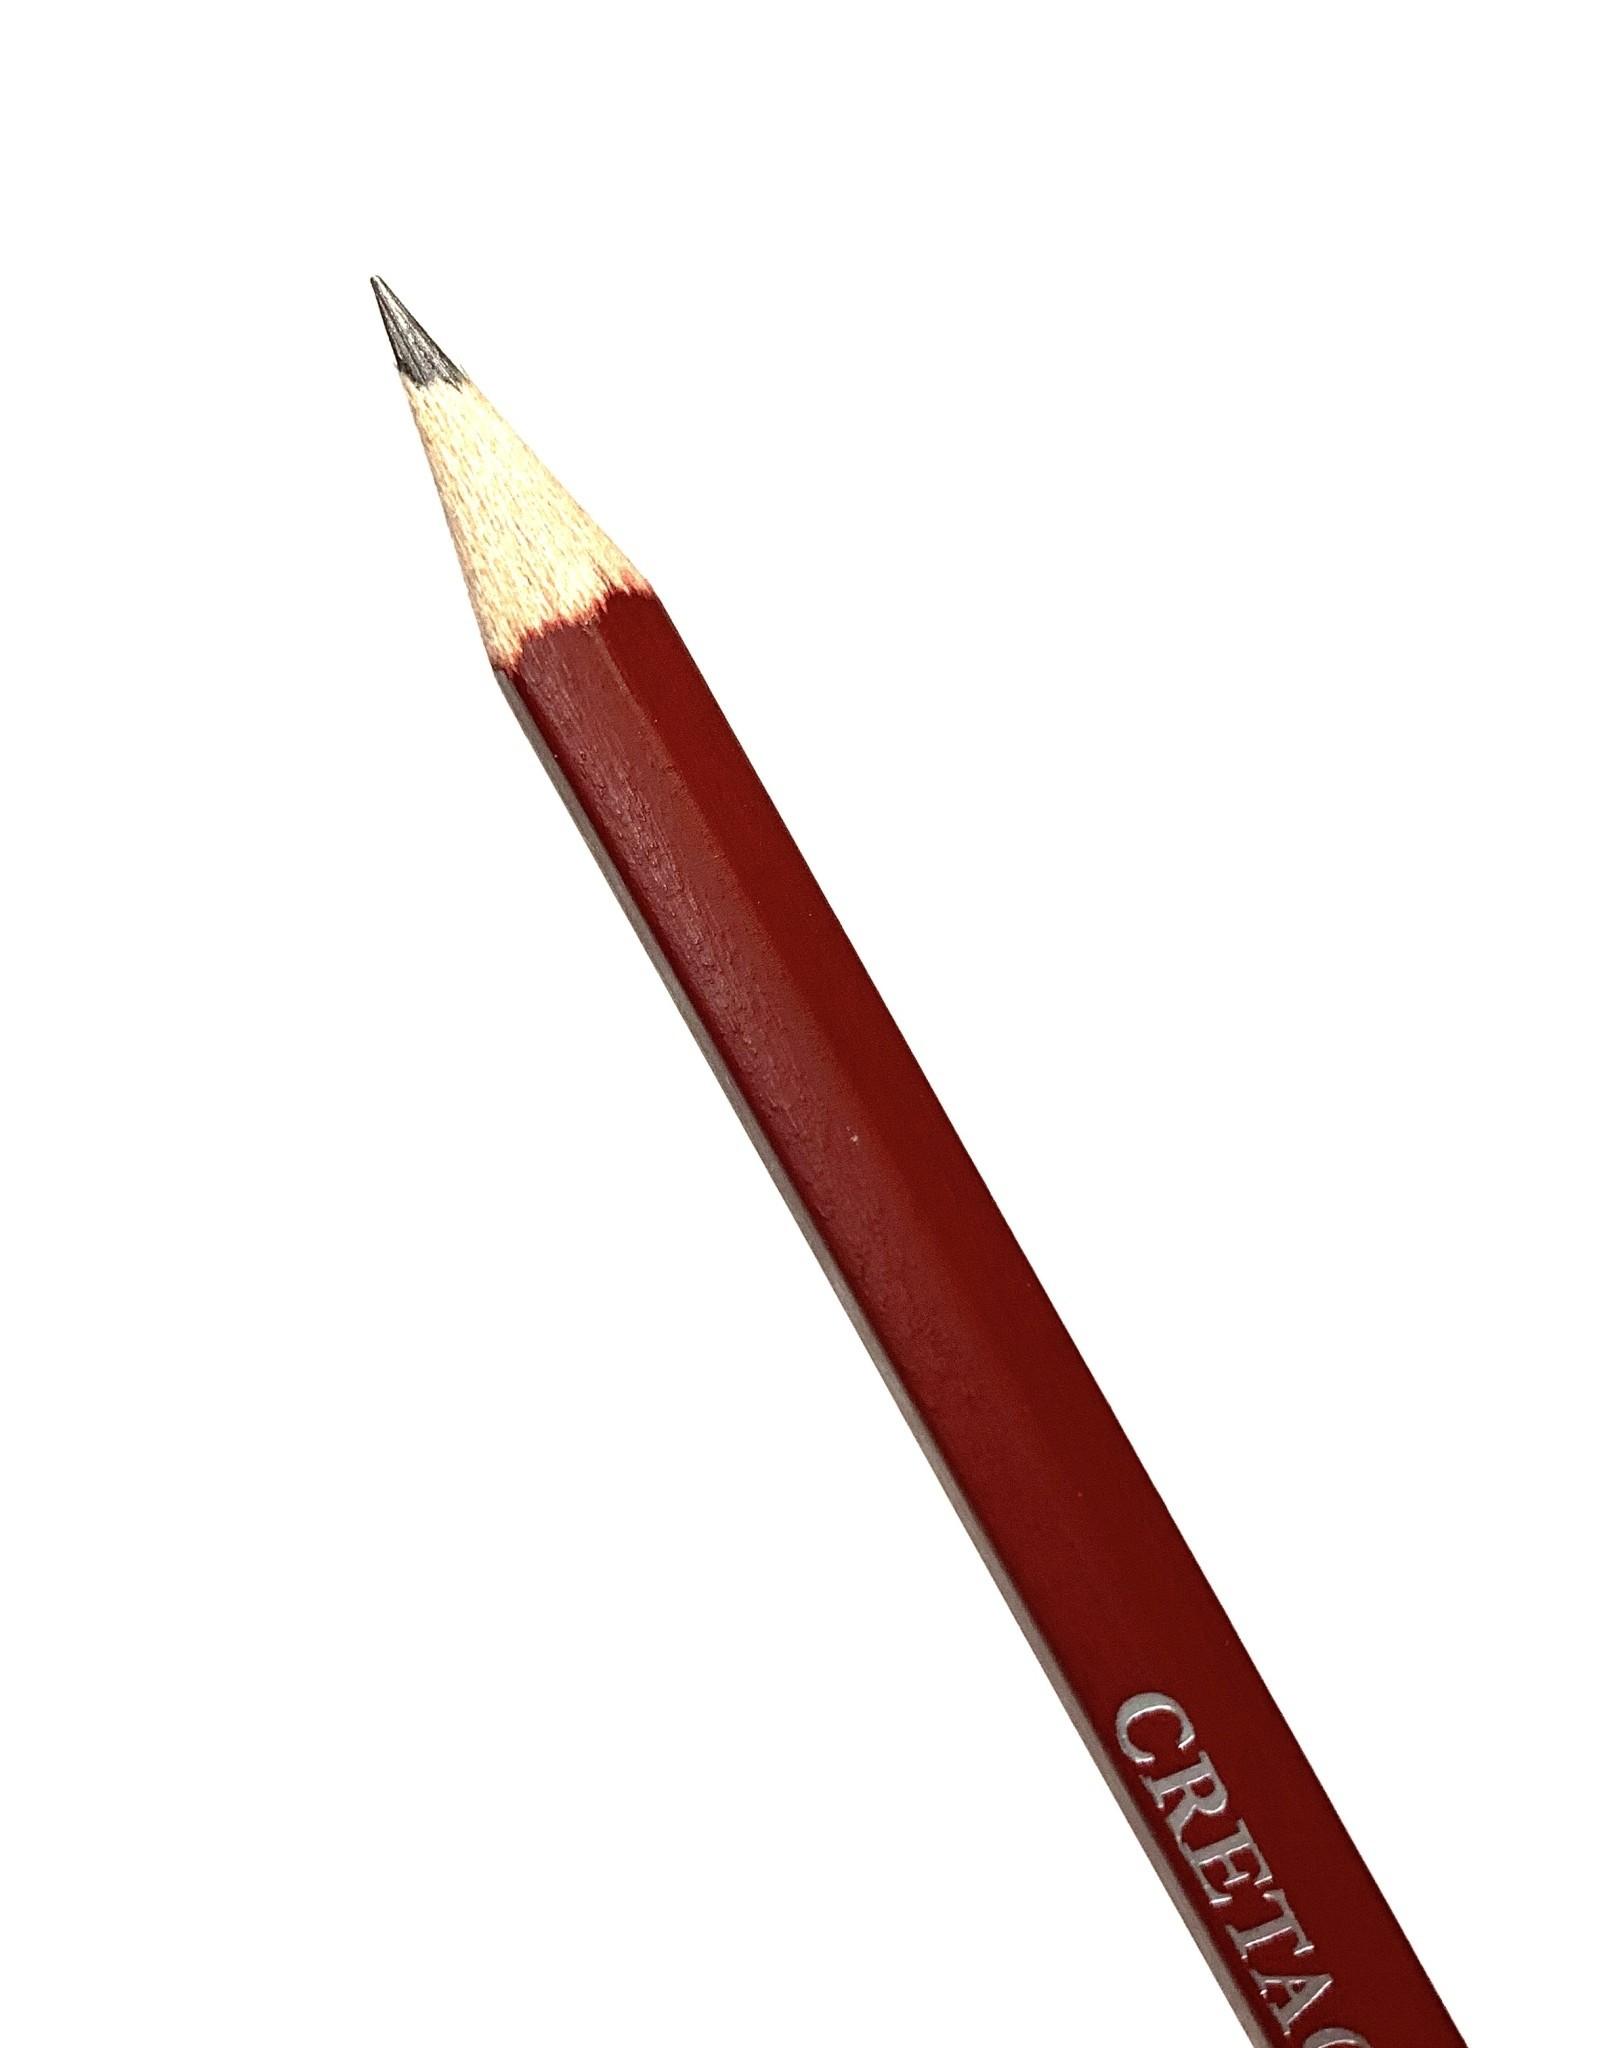 Cretacolor Graphite Pencil, 6H